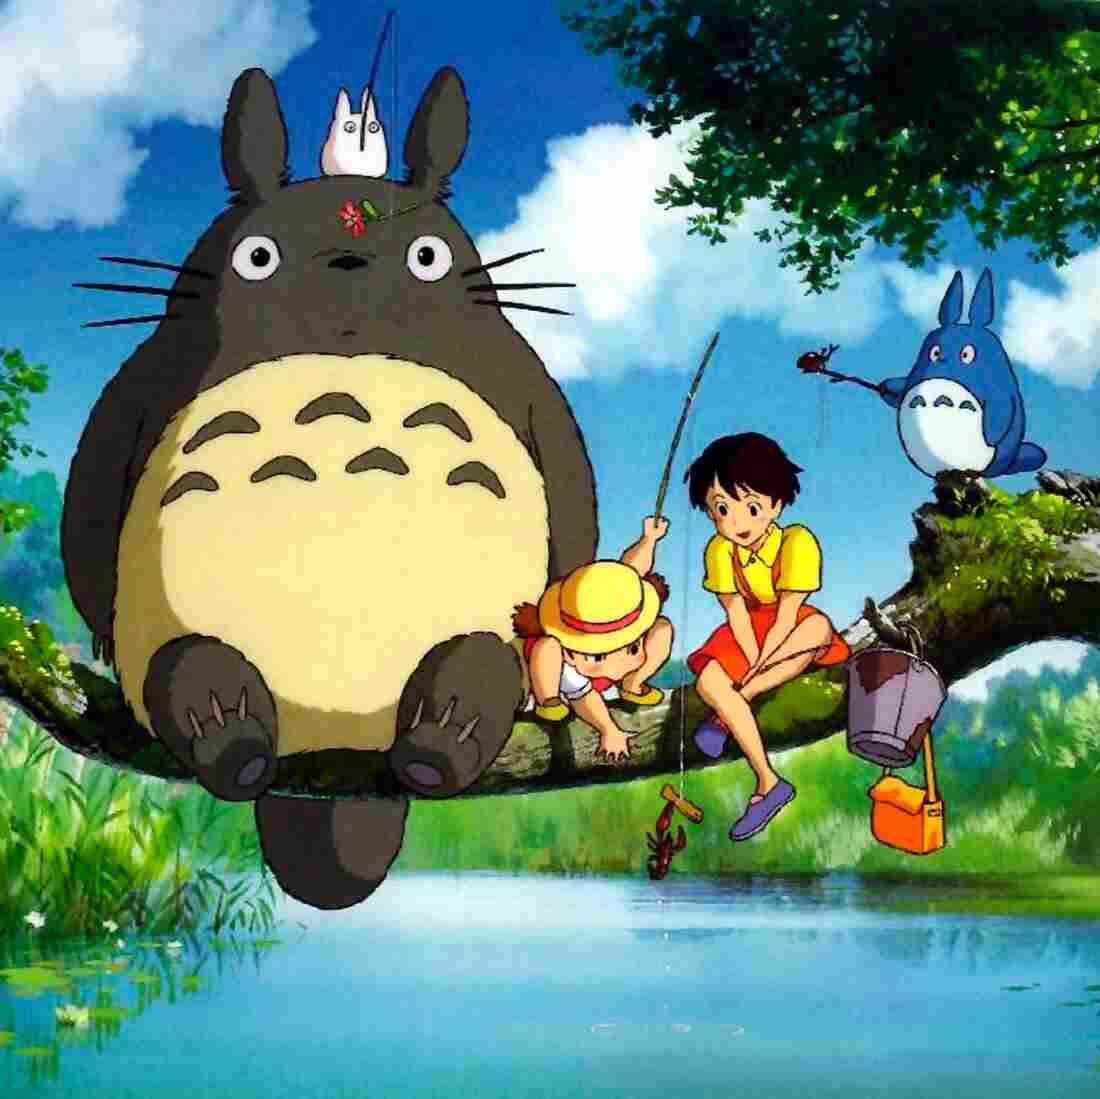 The Wondrous, Melancholy Worlds Of Hayao Miyazaki